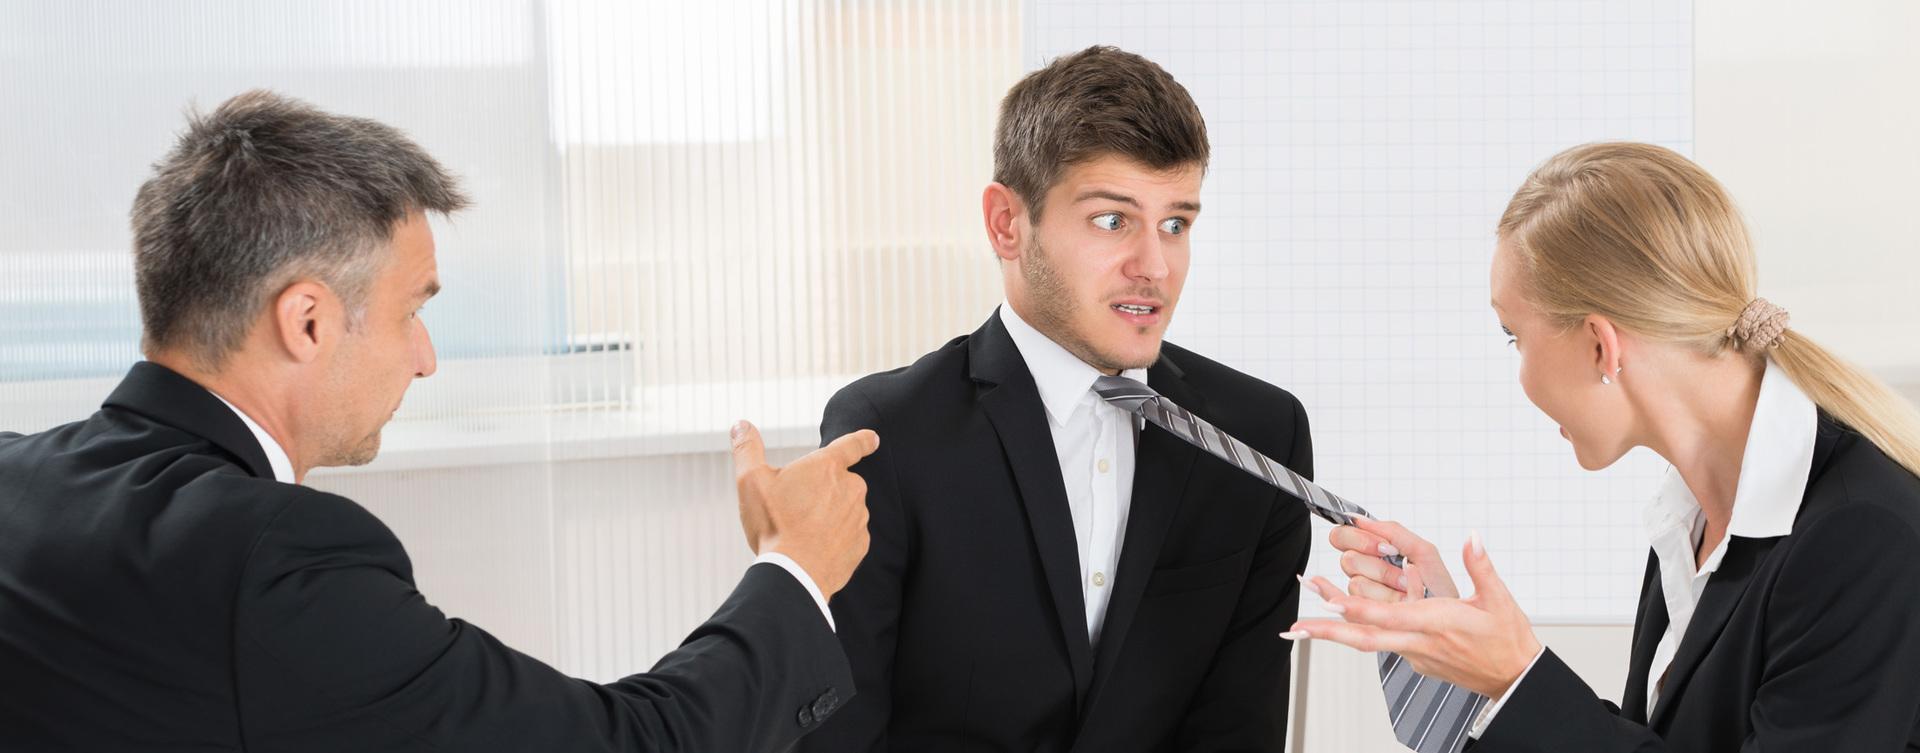 Работодатель и сотрудник